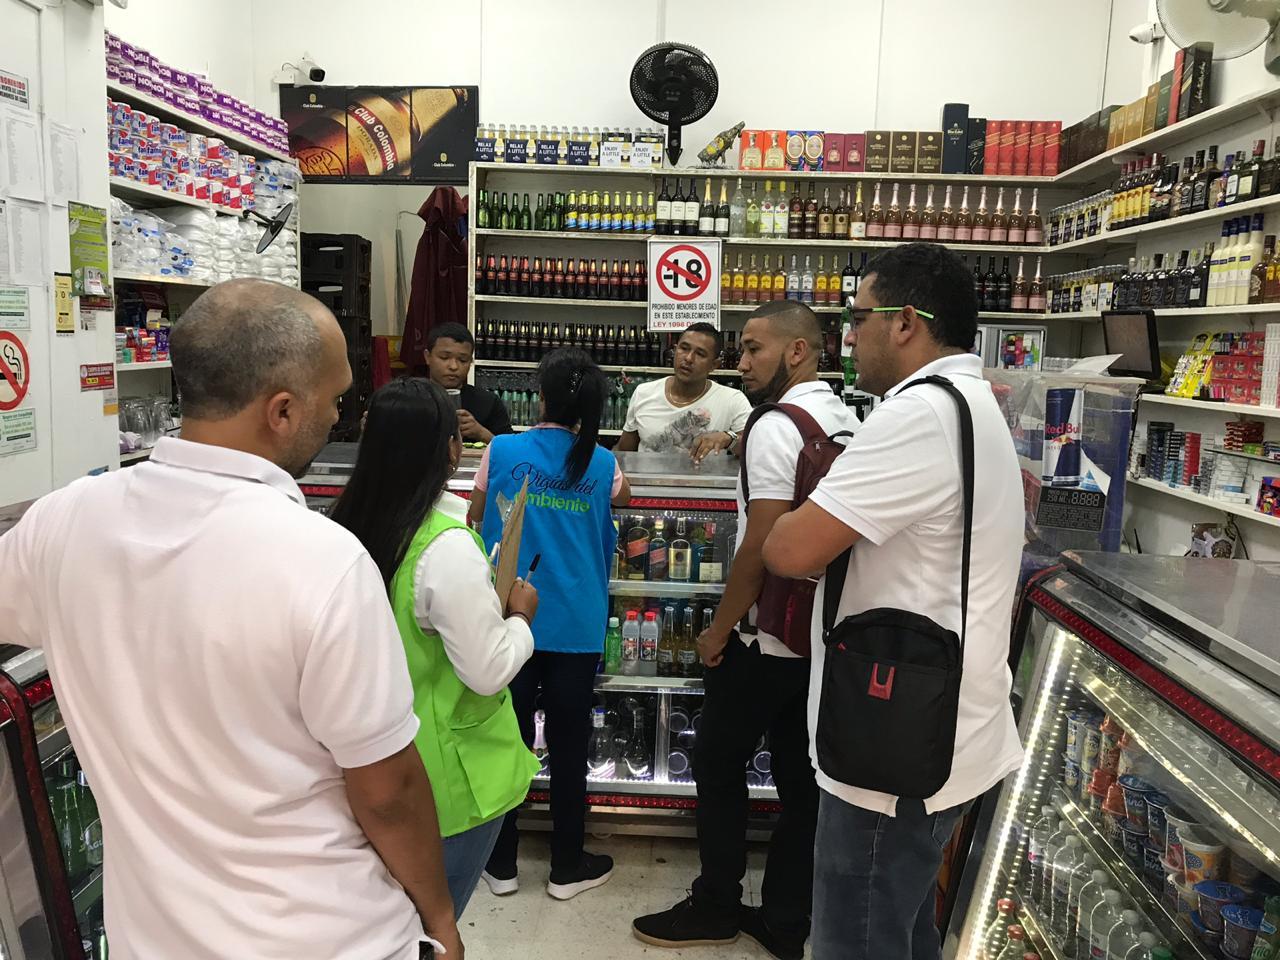 Dadsa asume gerencia del Centro con controles de ruido y a trampas de grasa en locales comerciales